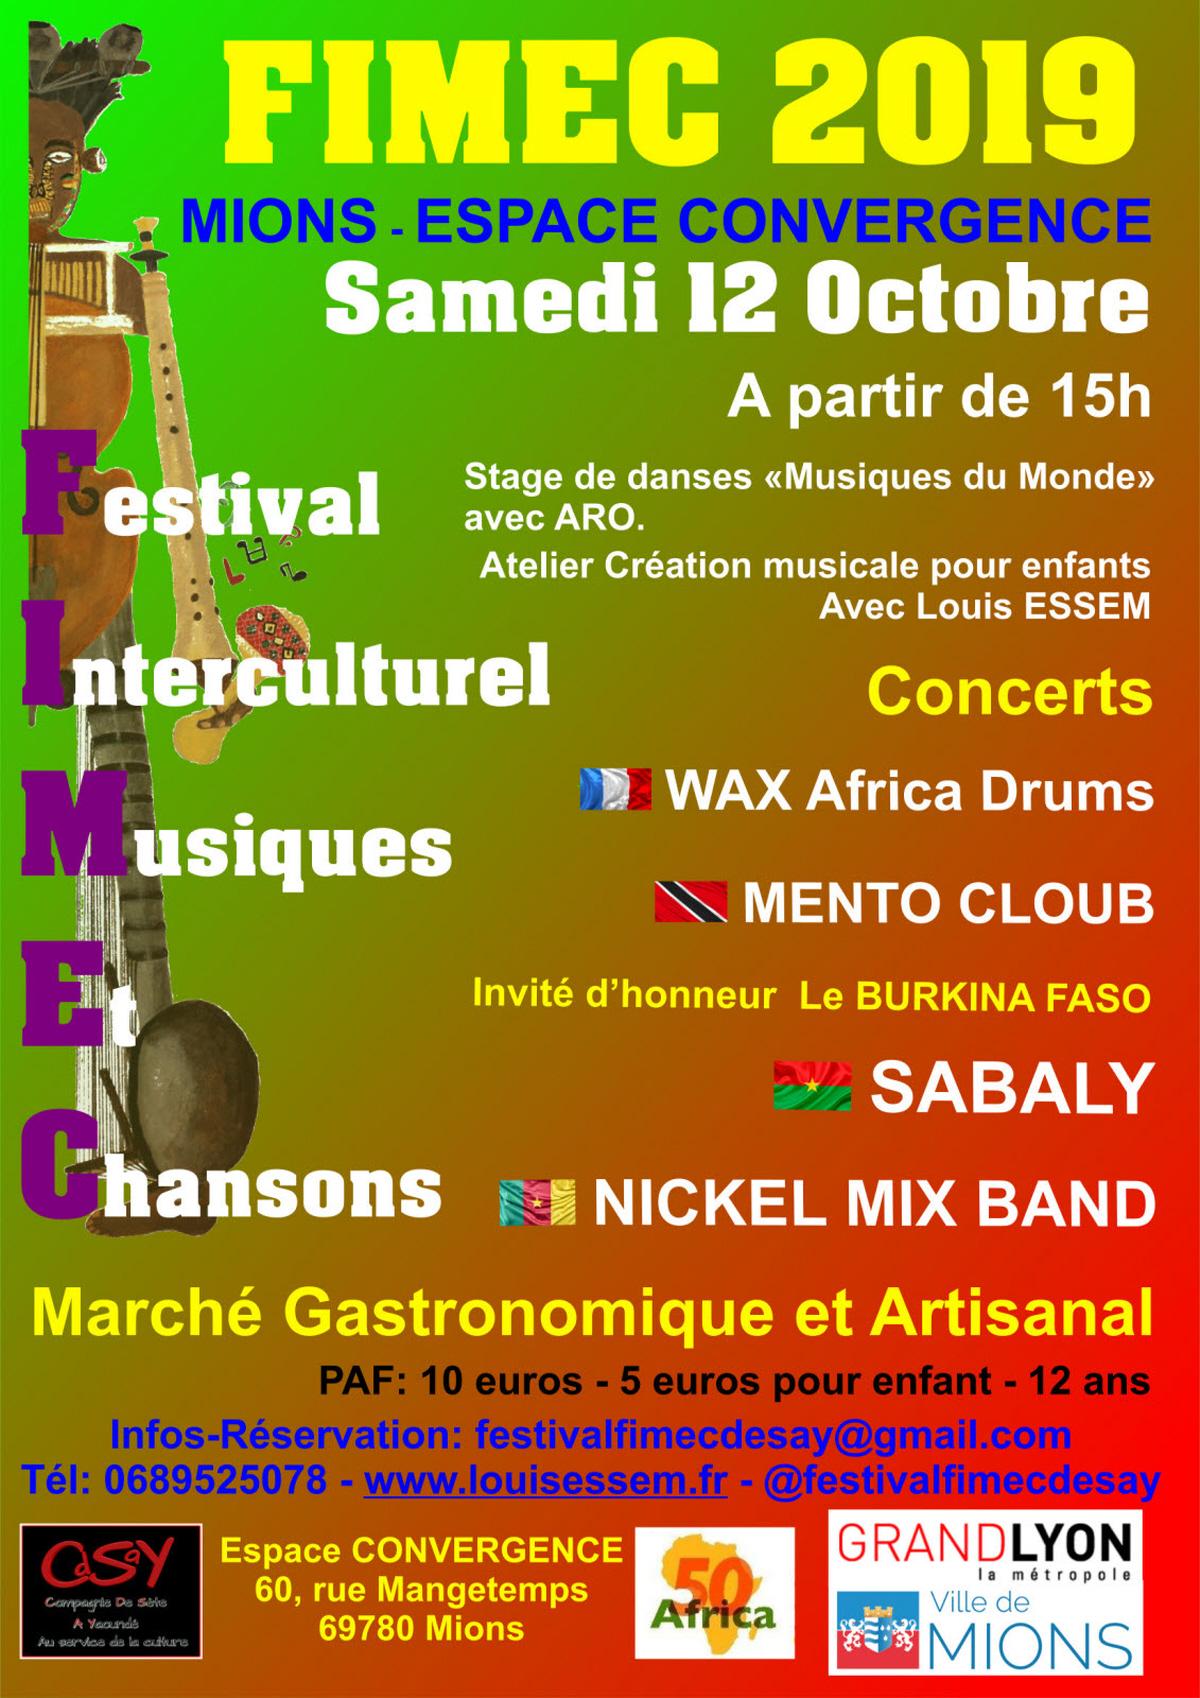 [CULTURE] 3e édition du FIMEC (Festival interculturel de Musiques et Chansons) à Mions (69) samedi 12 octobre 2019